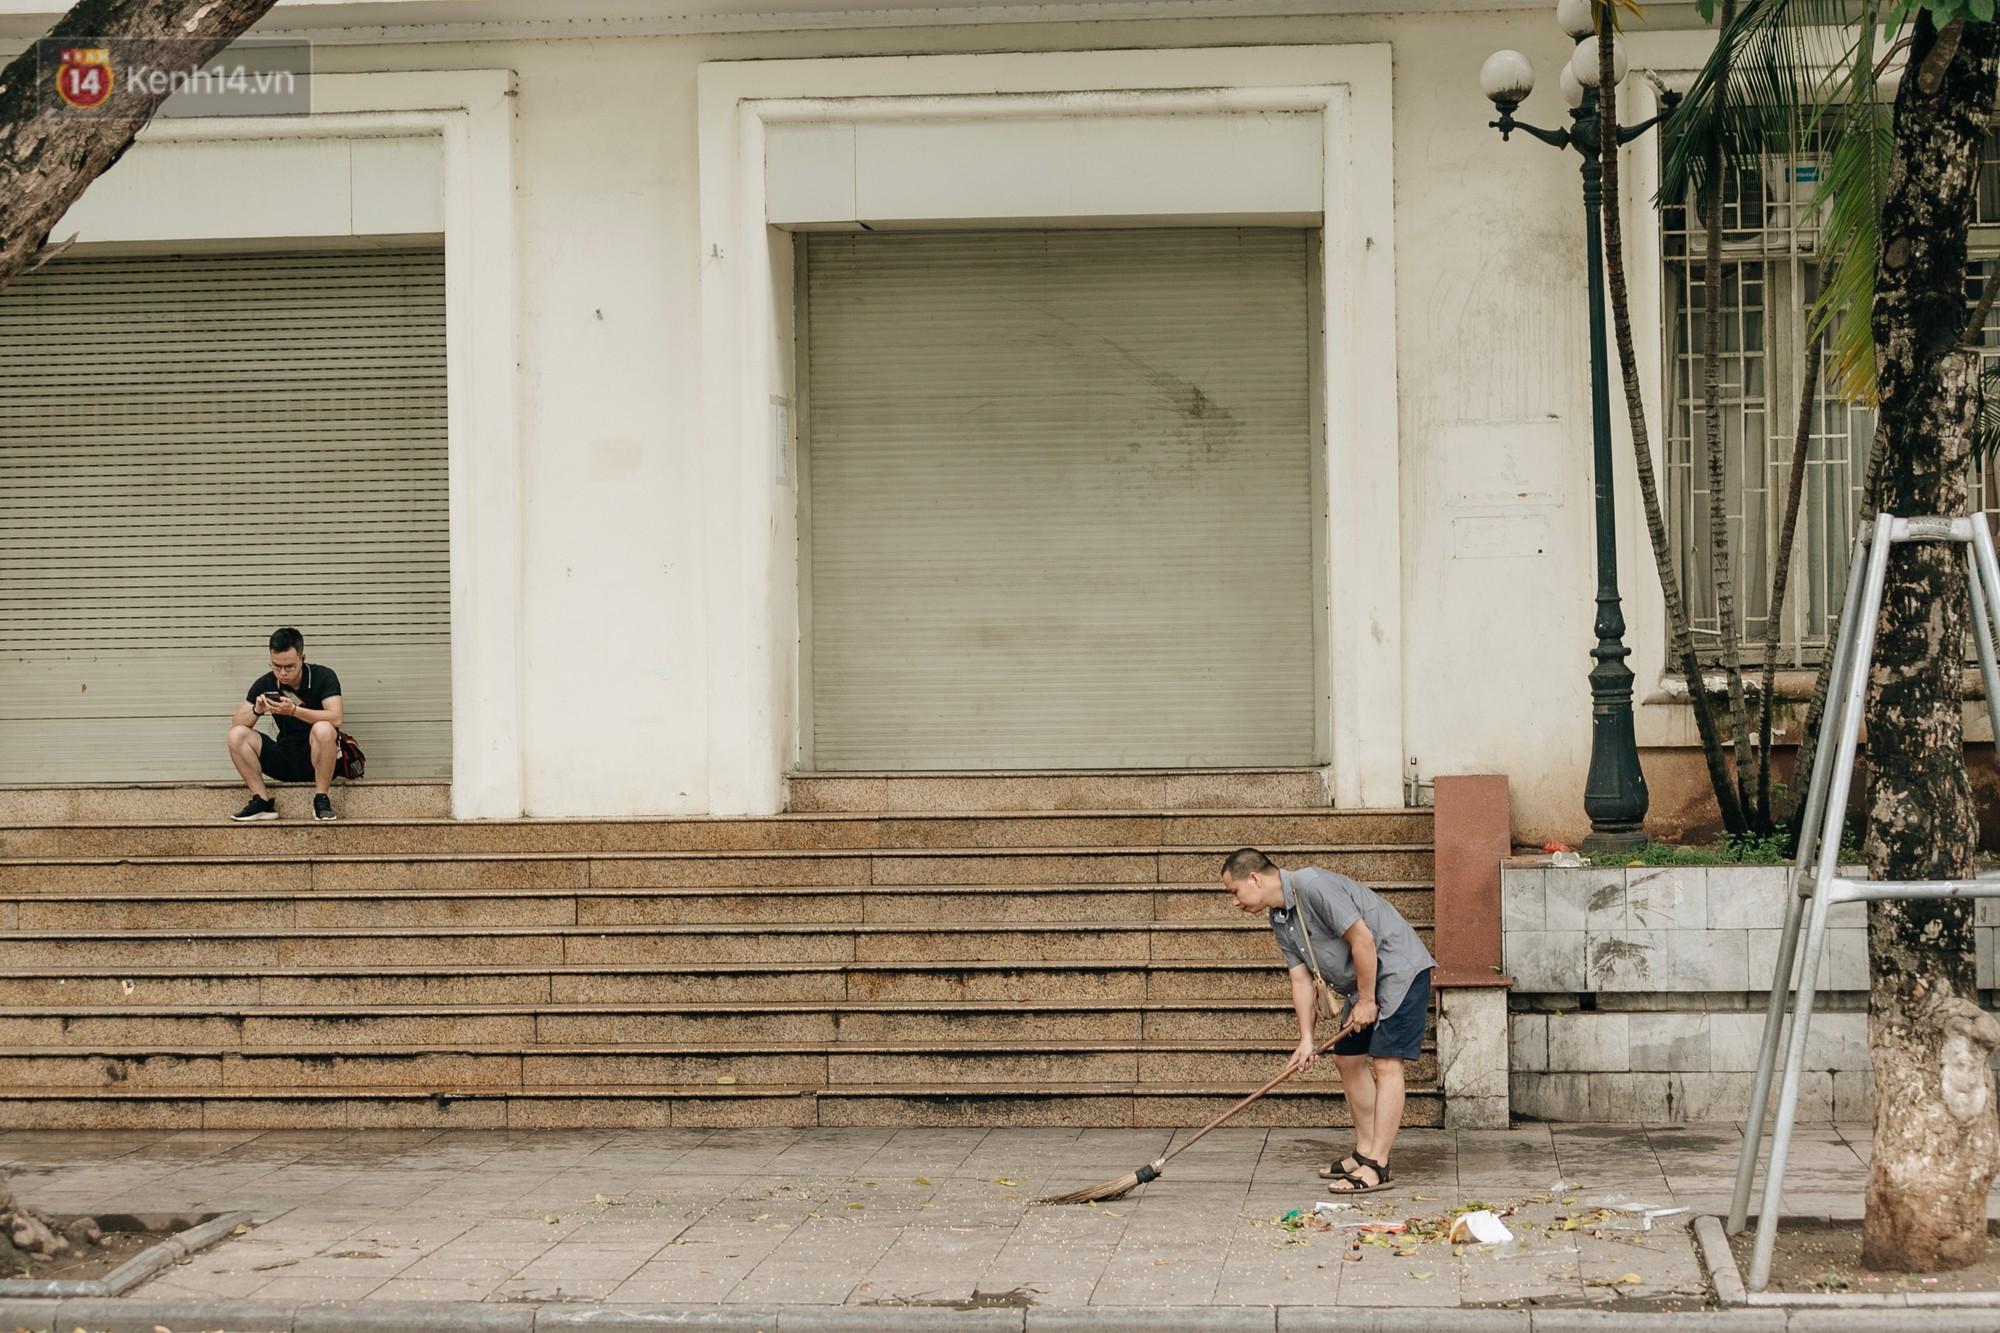 Người Hà Nội ủng hộ việc lắp camera ghi hình, phạt 7 triệu đồng hành vi xả rác ở phố đi bộ - Ảnh 7.